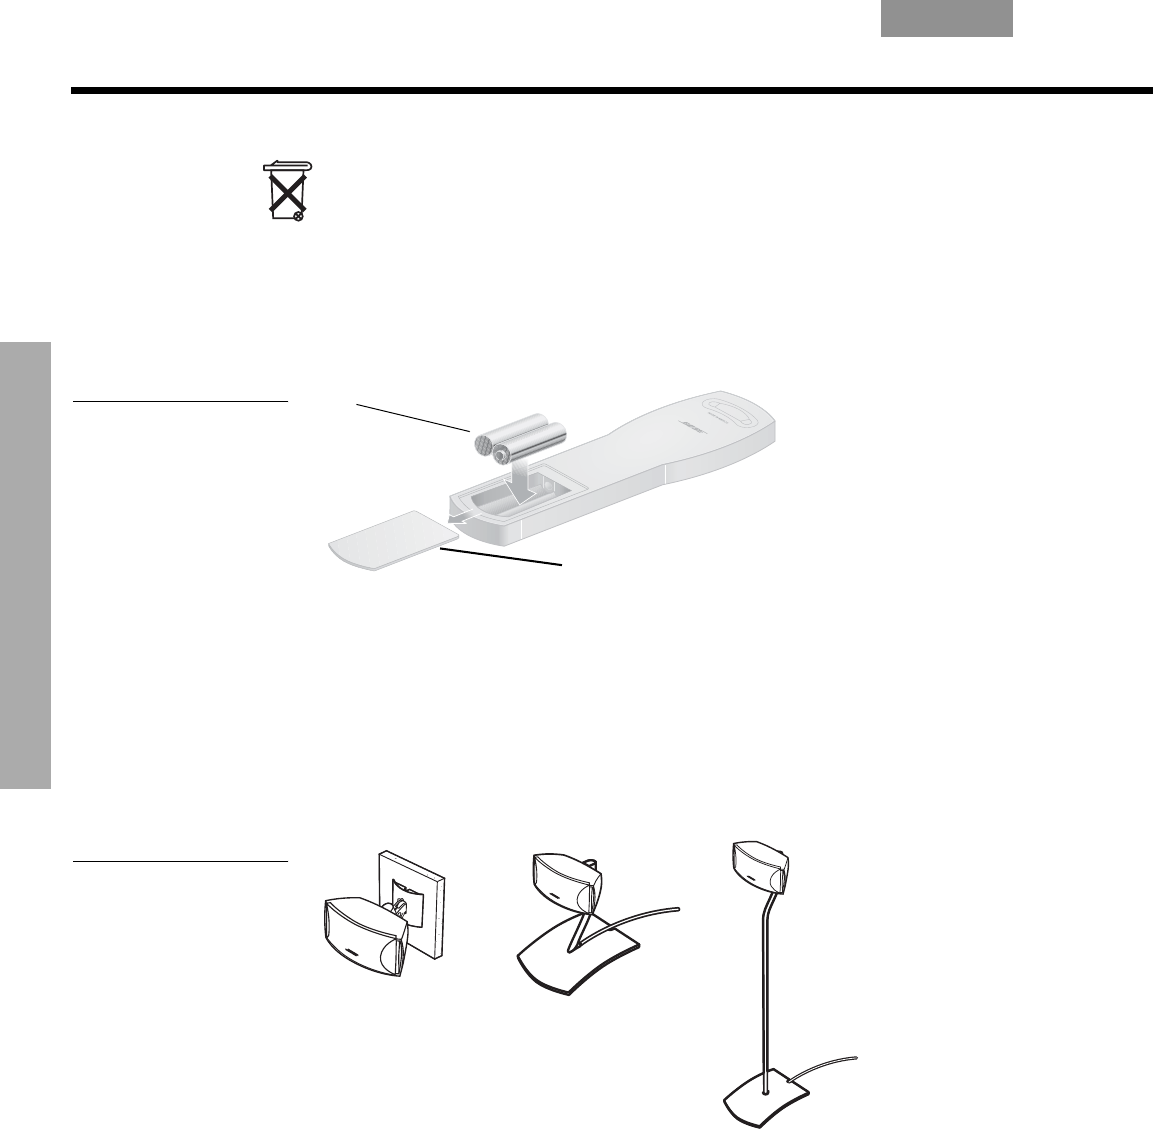 Bedienungsanleitung Bose 321 GSX serie 2 (Seite 54 von 84) (Deutsch)